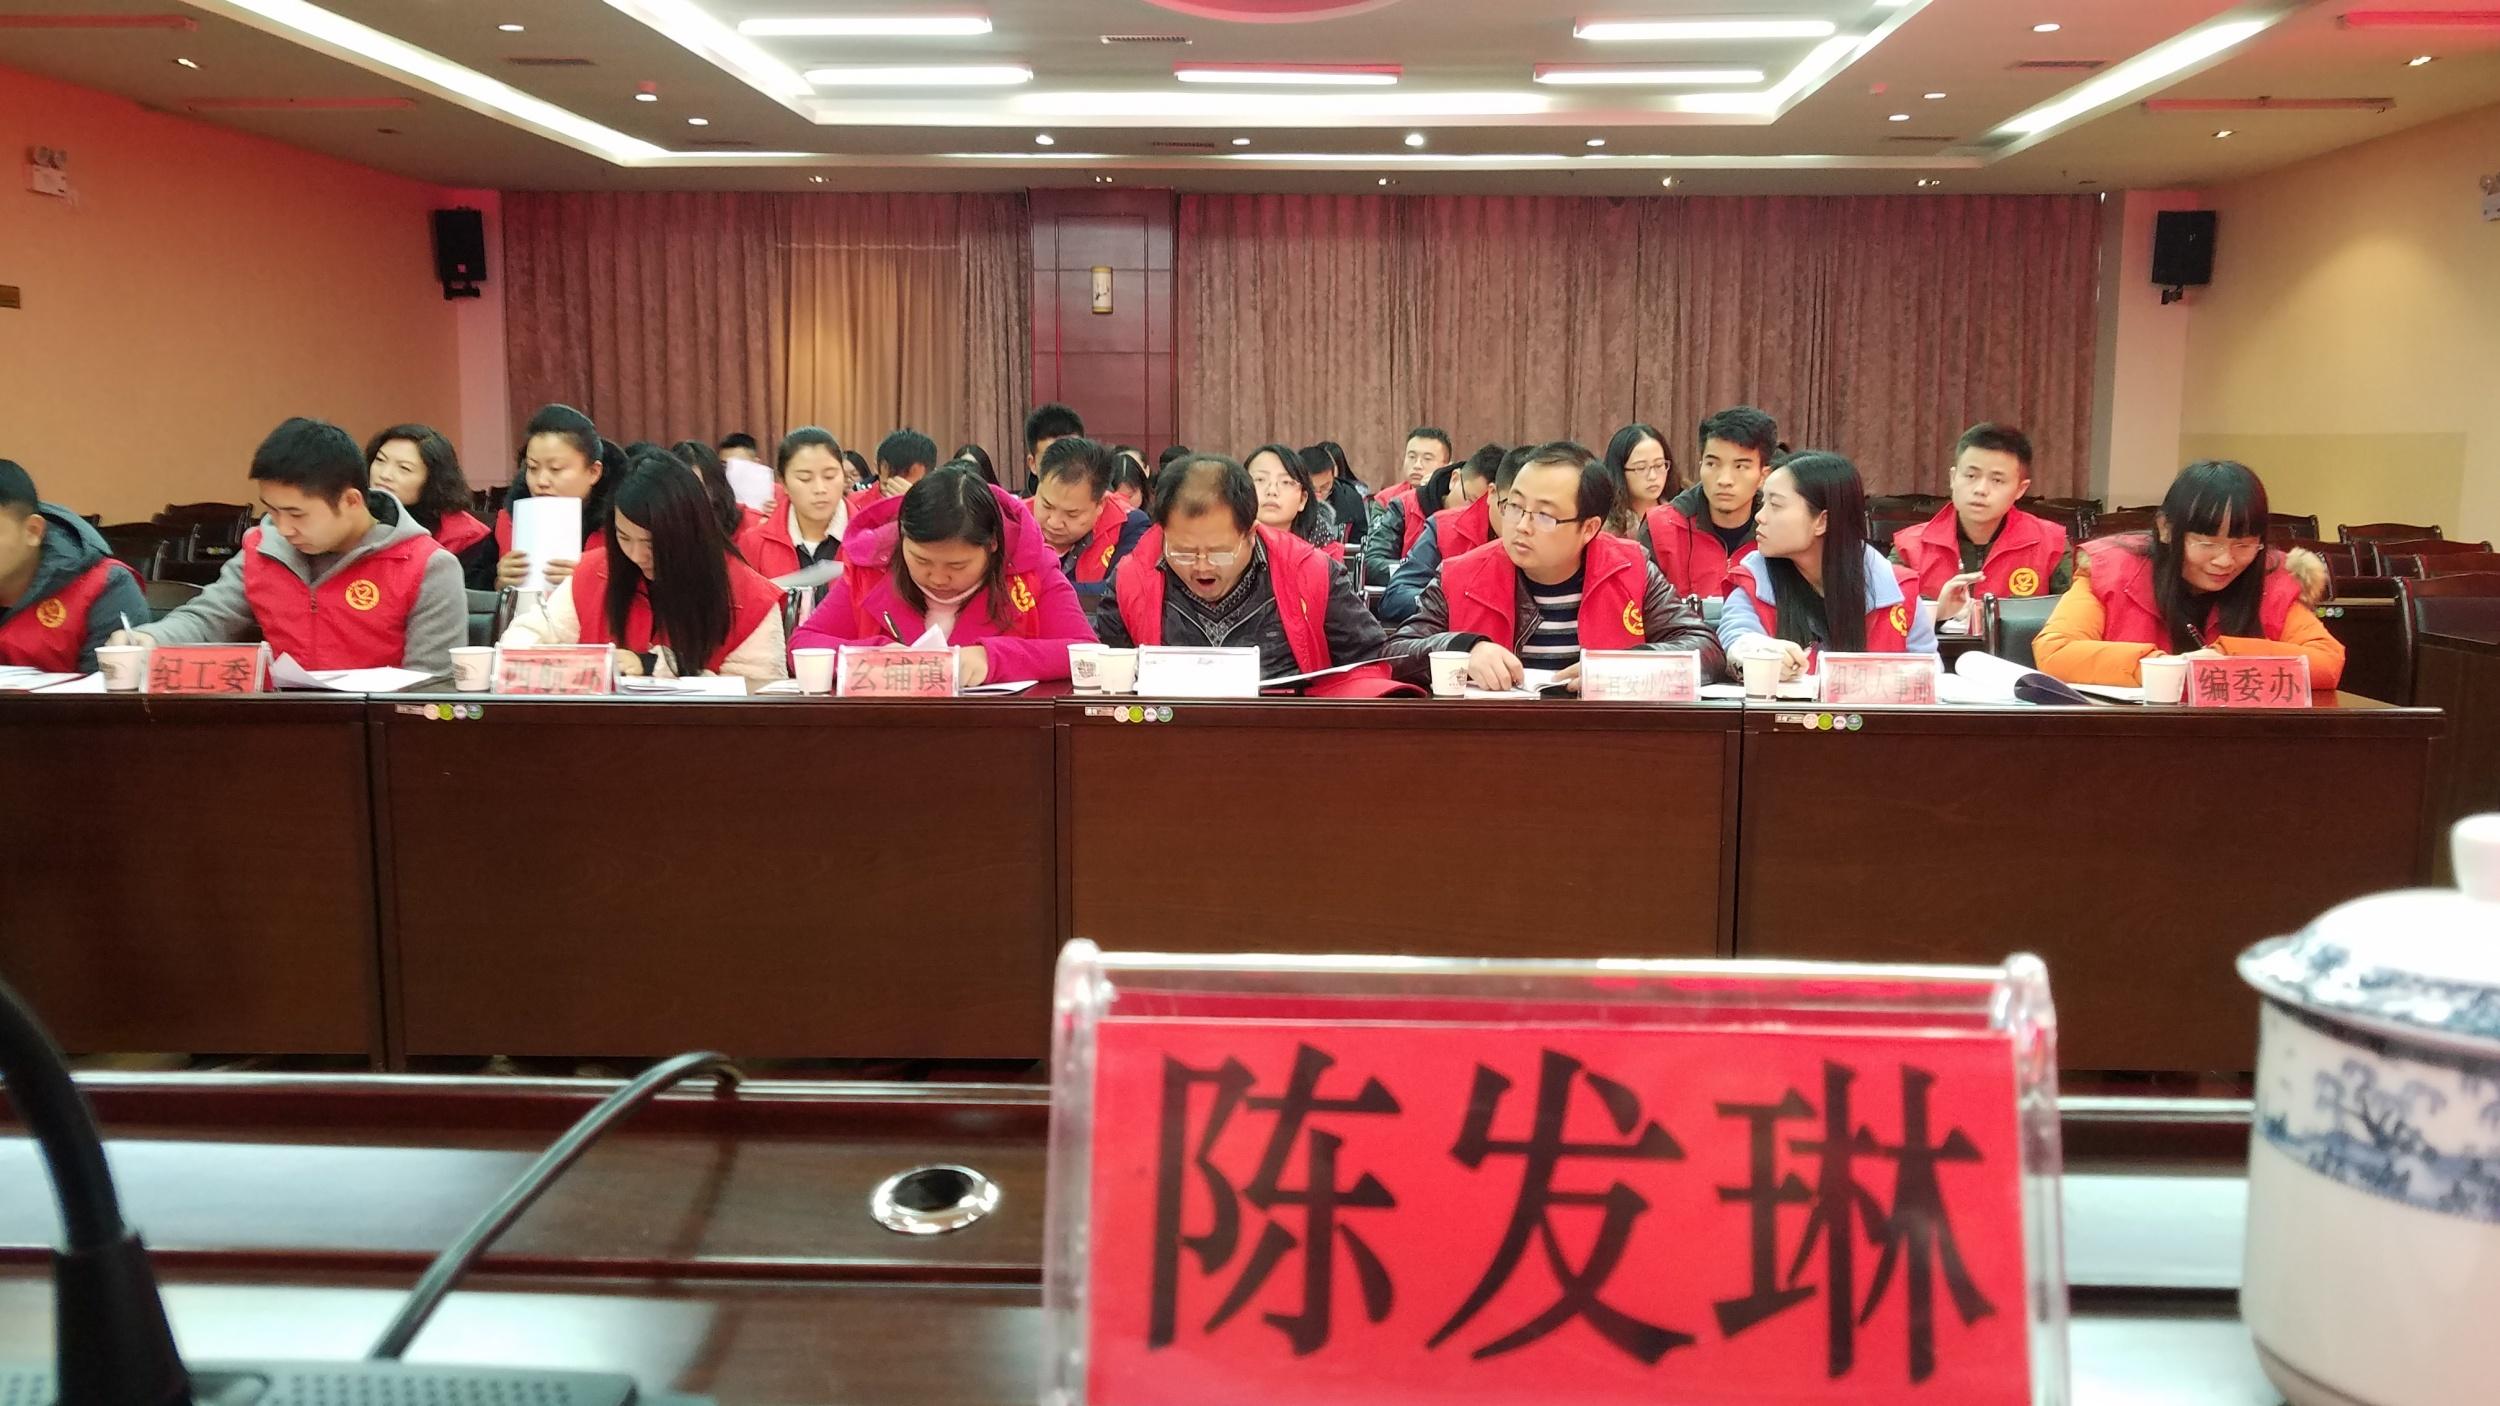 十二月:志愿服务条例培训(陈发琳 市爱心义工社)